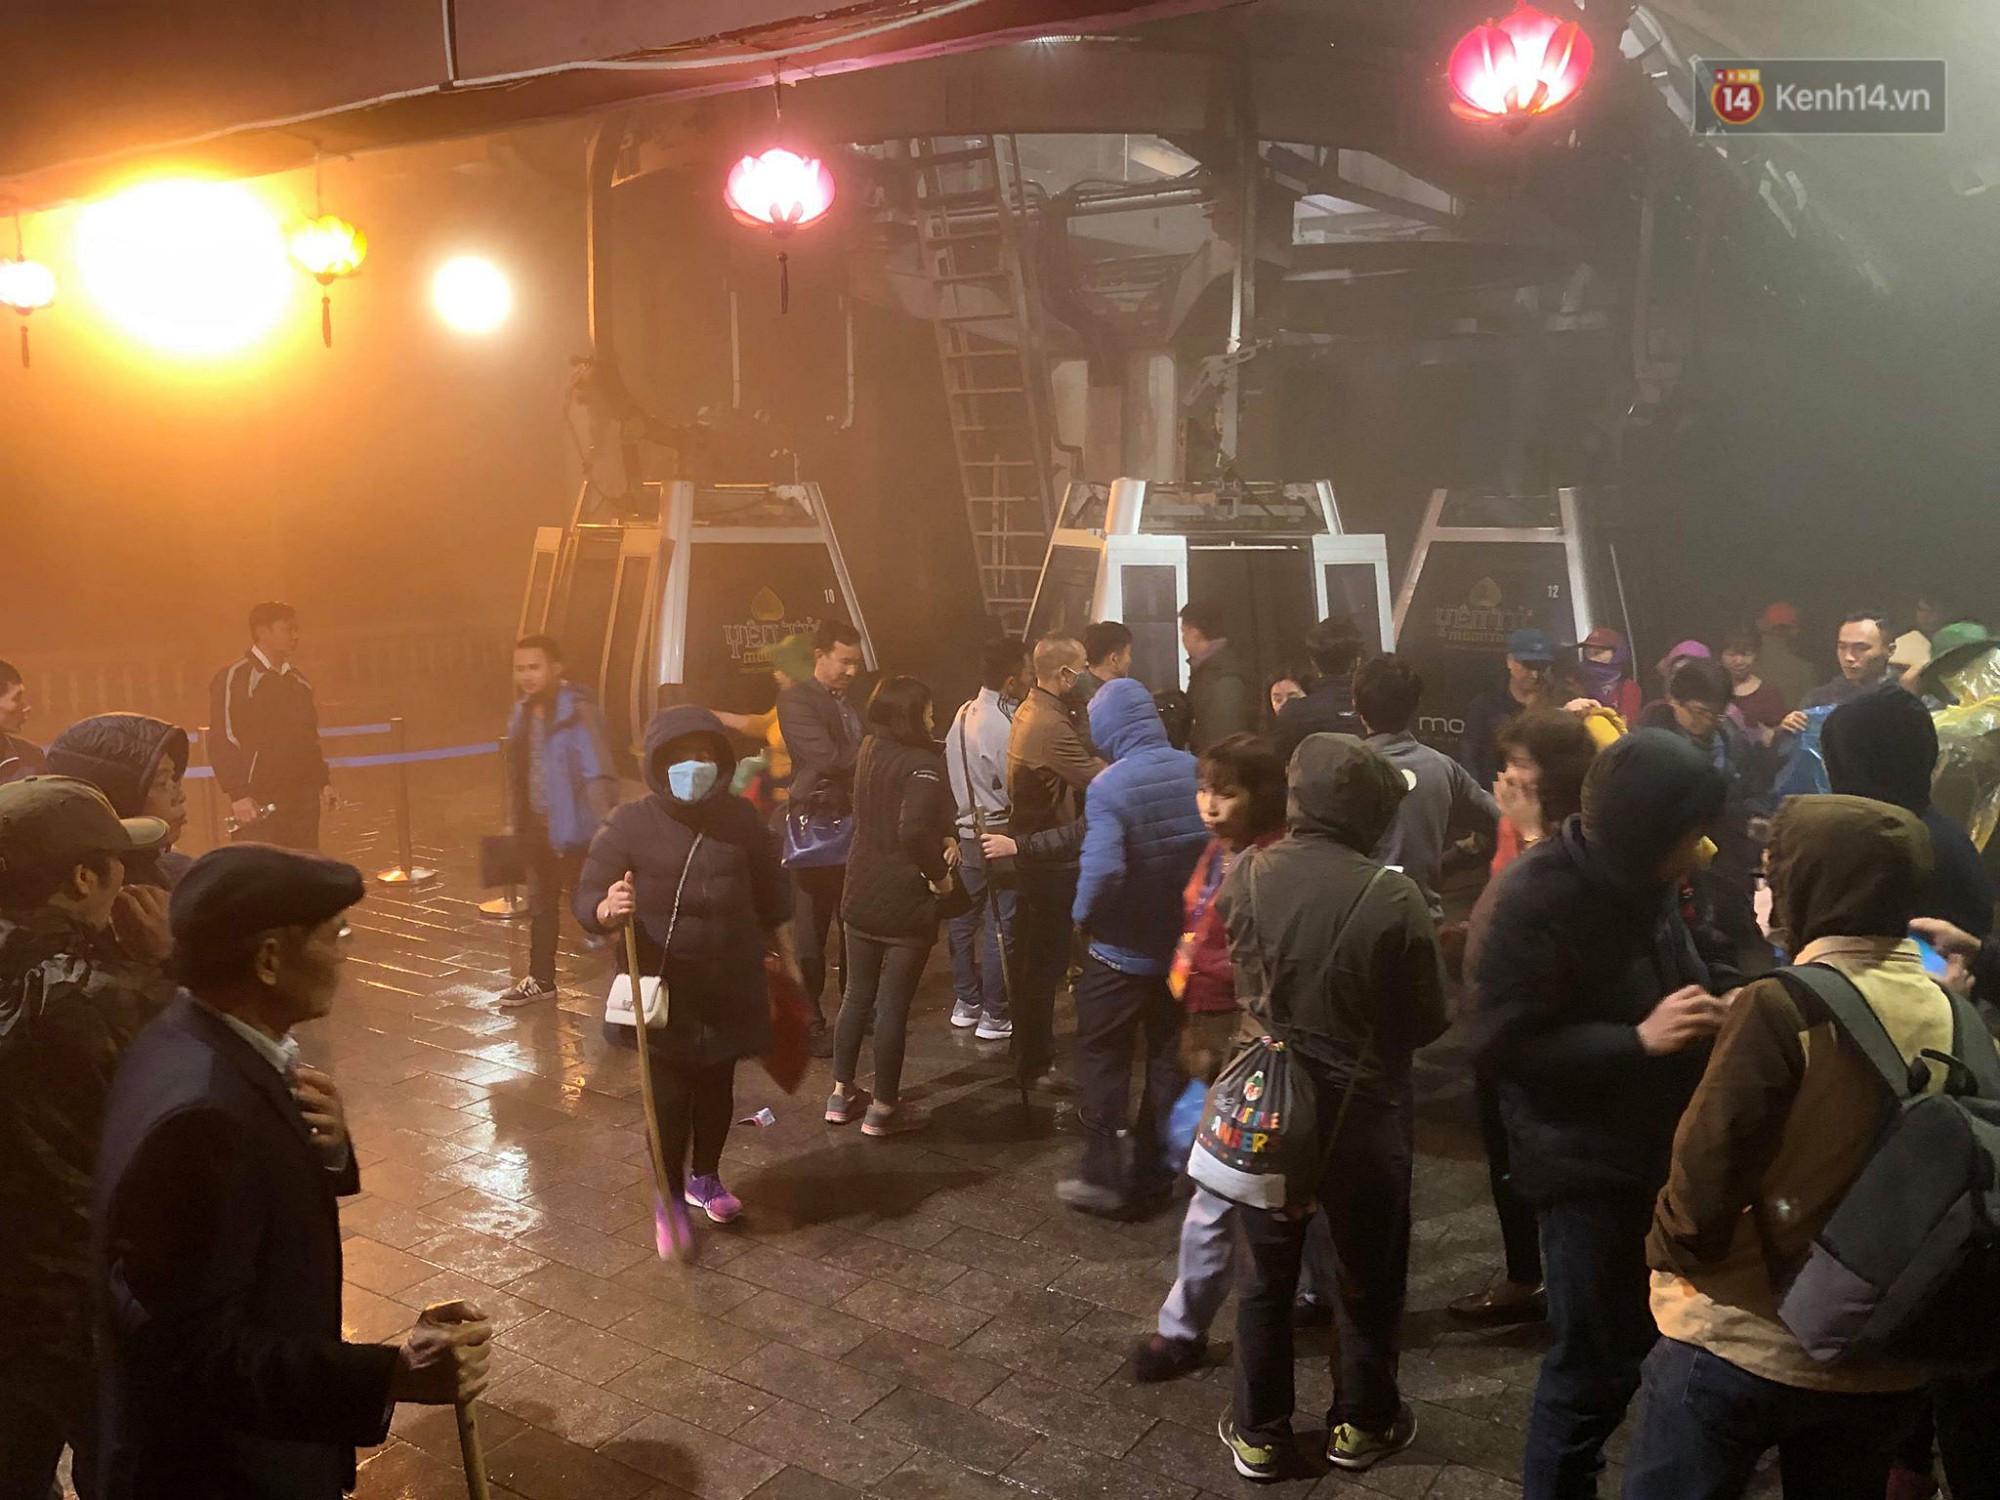 Hàng ngàn người dân đội mưa phùn trong giá rét, hành hương lên đỉnh Yên Tử trong đêm-1